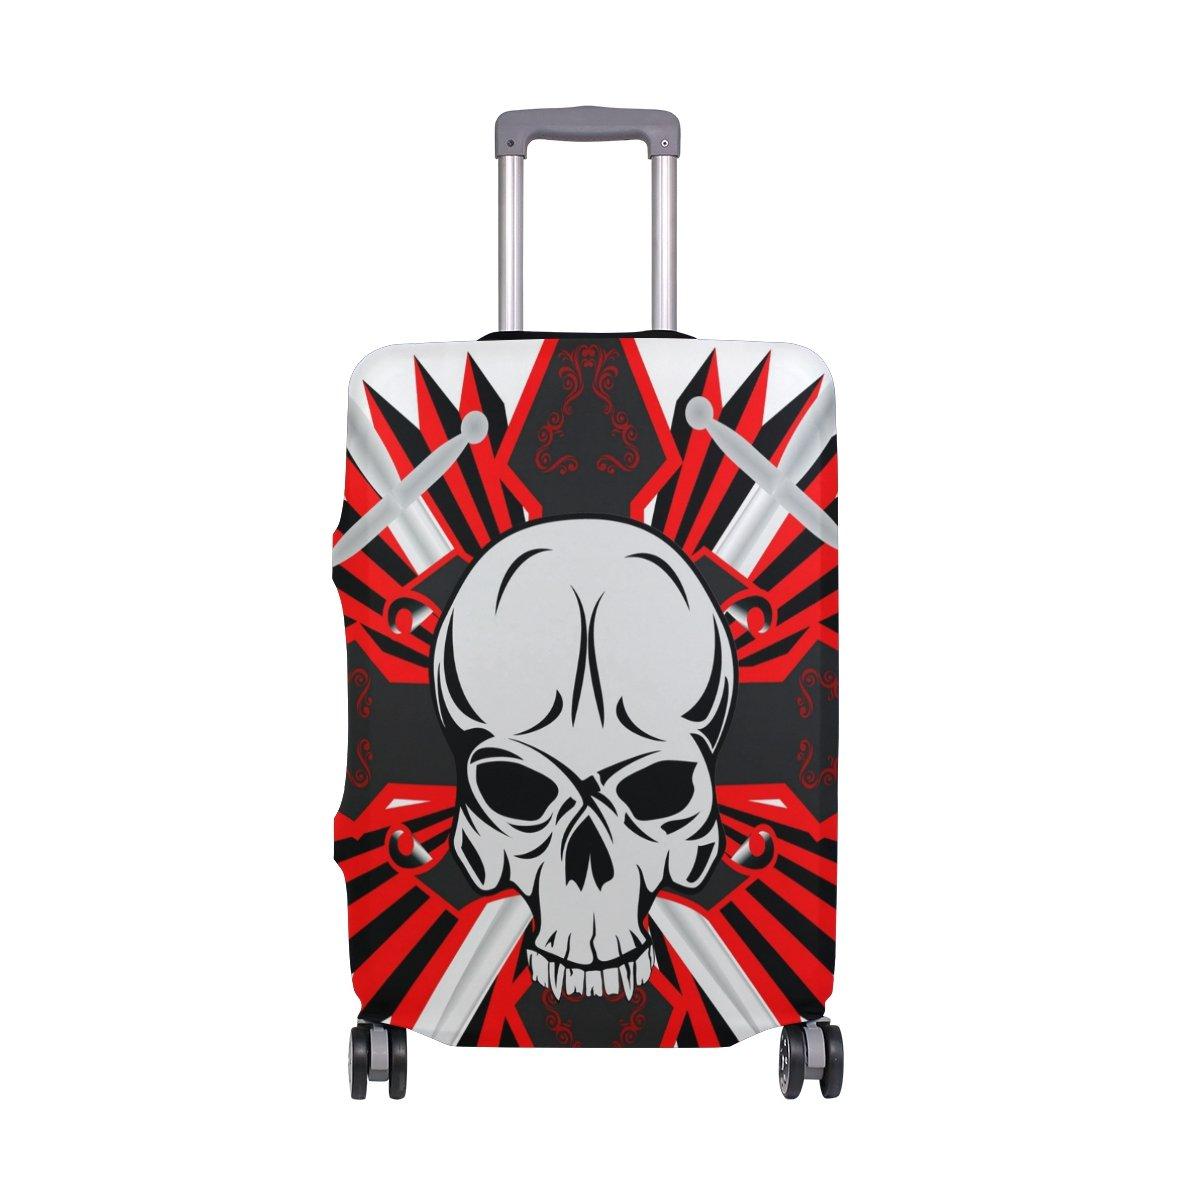 旅行荷物カバーFits 18 – 20インチスーツケースwith Skull with Crossプリントスーツケースカバー S 18-20 in  B07FSP43VG